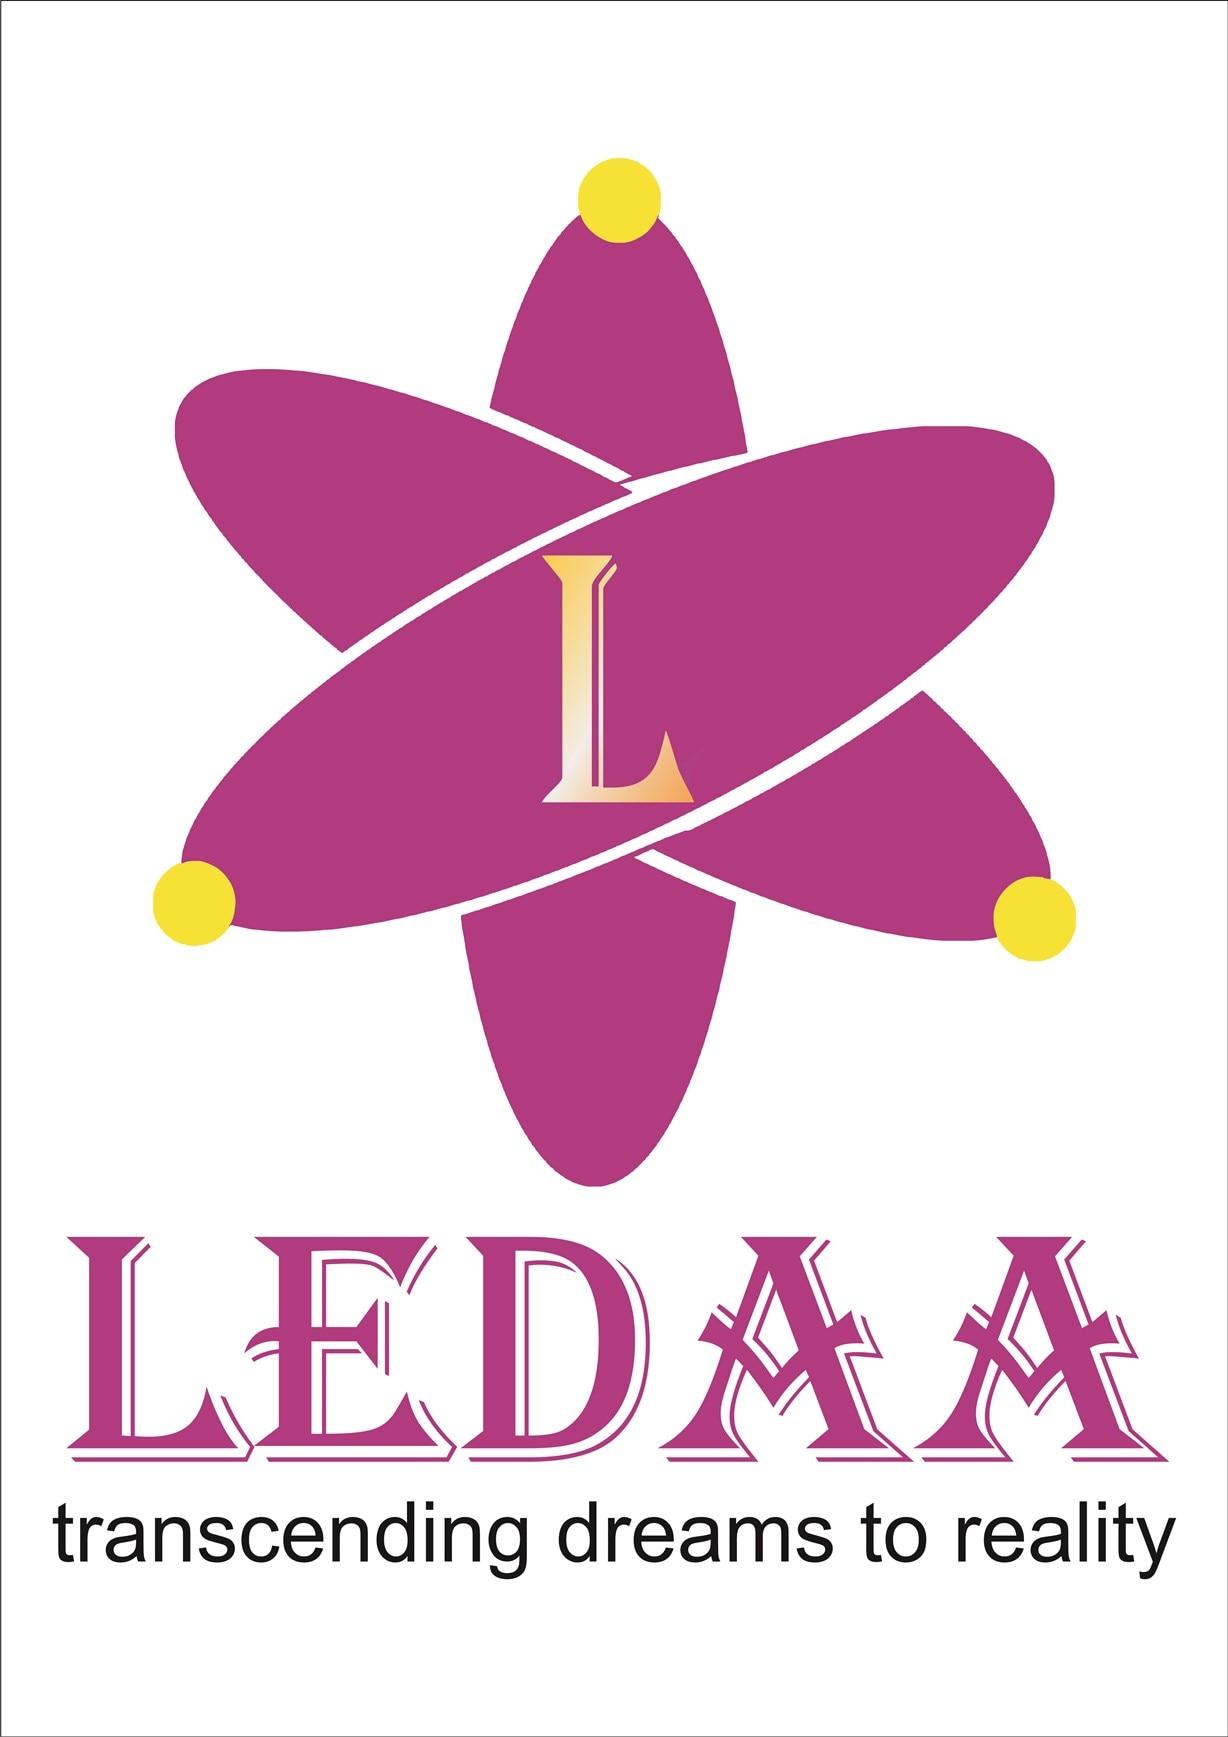 LEDAA INTERNATIONAL